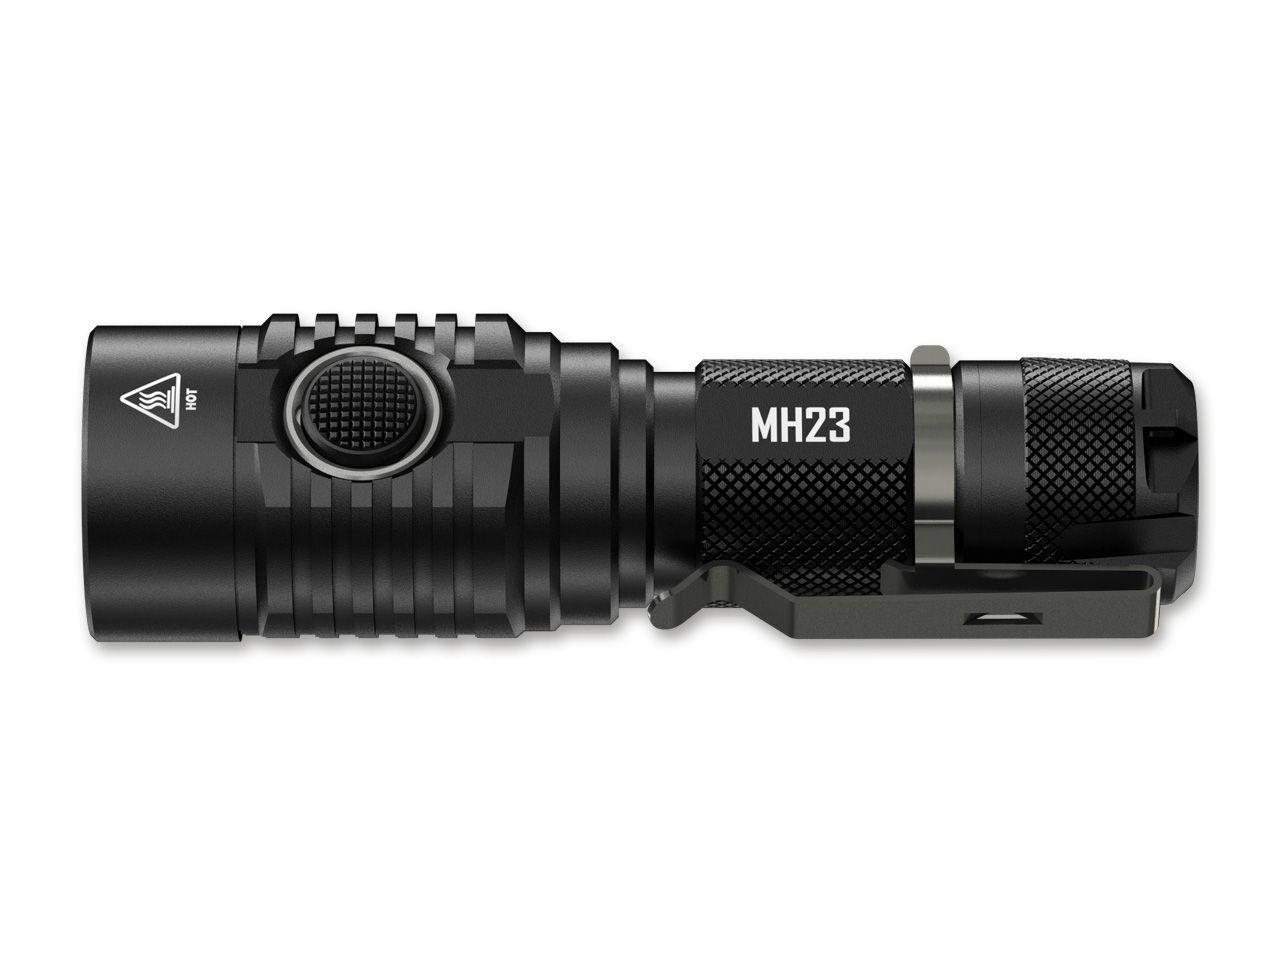 Nitecore Multitask Hybrid Hybrid Multitask MH23 Taschenlampe LED 1800lm USB 3500mAh & SG7 Silikon a27d84